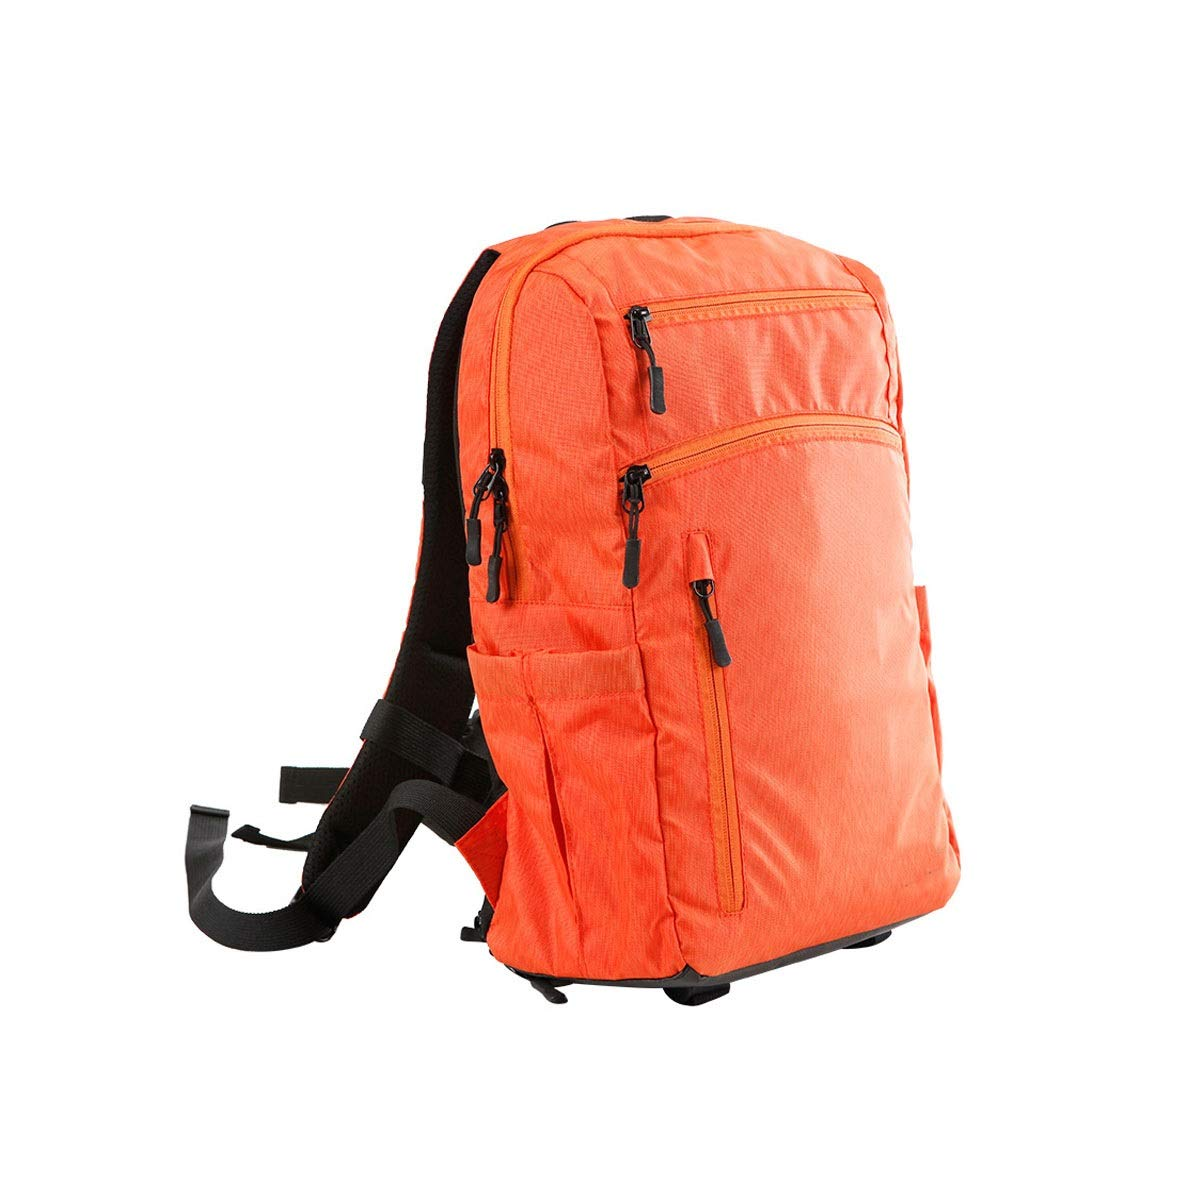 カメラバッグ、一眼レフトラベルカメラバックパックバッグ、ショルダーキャリングライトデザイン、オレンジ、ブラック (Color : Orange) B07R3JH412